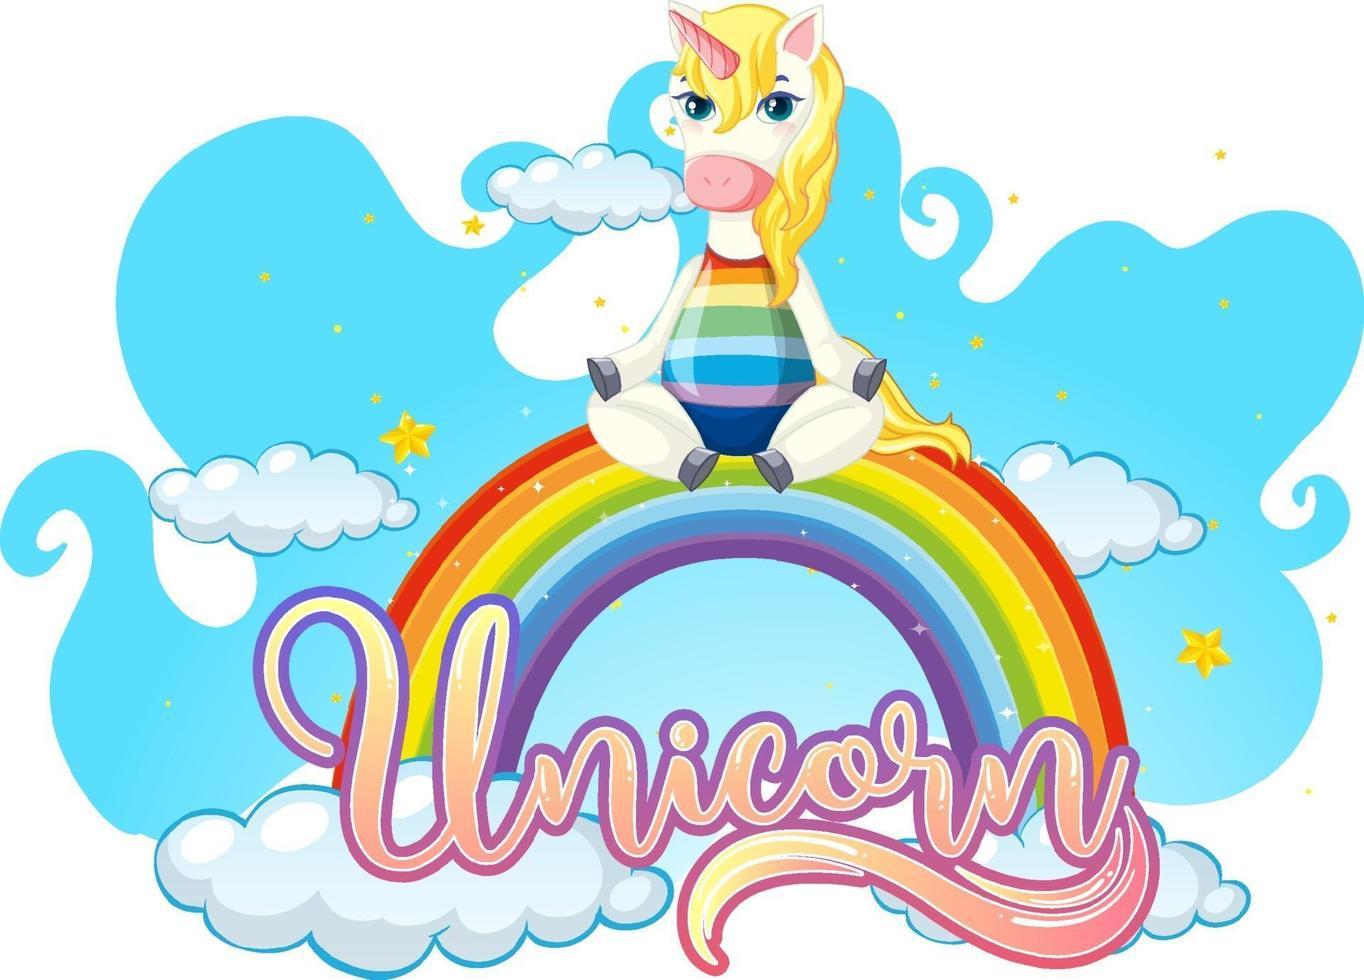 Zeichentrickfigur des Einhorns, das auf Regenbogen mit Einhornschrift steht vektor